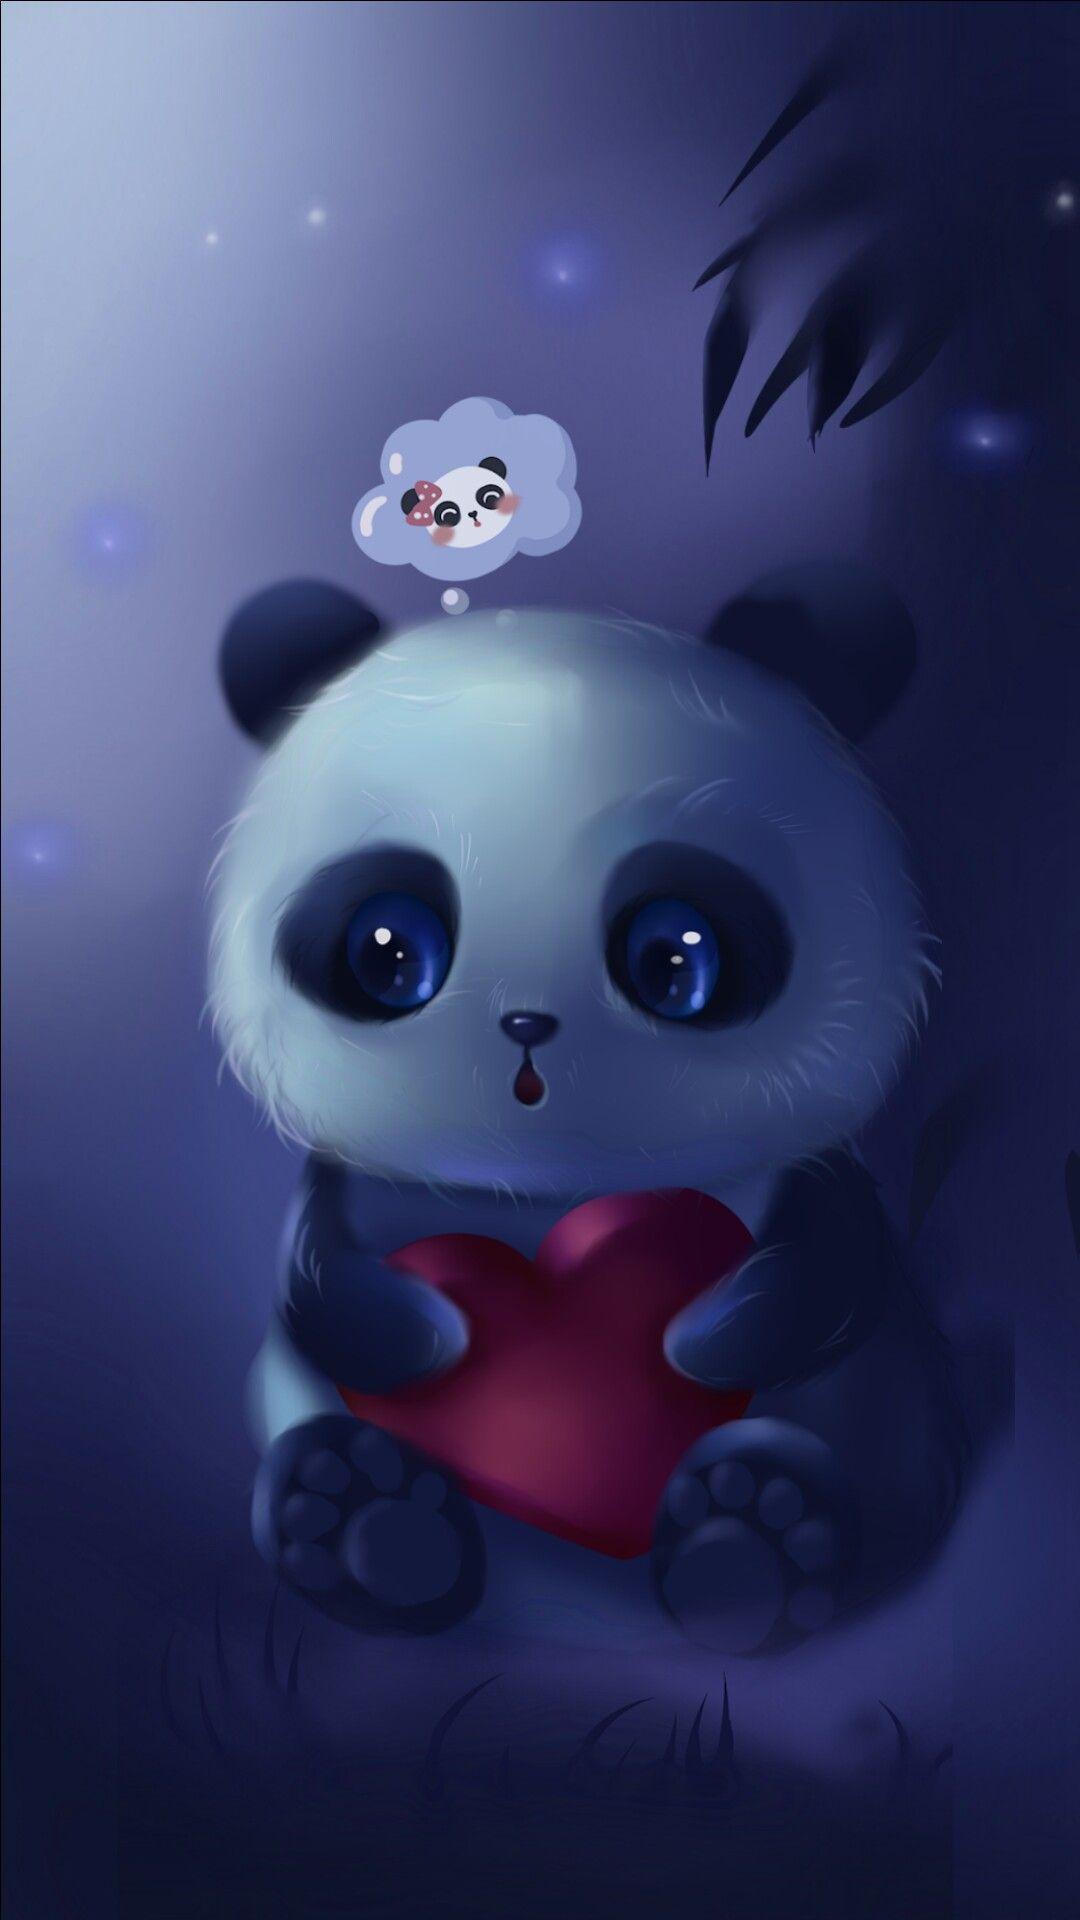 Pin By Betty Burks On Art Resim Cute Panda Wallpaper Panda Art Cute Panda Drawing